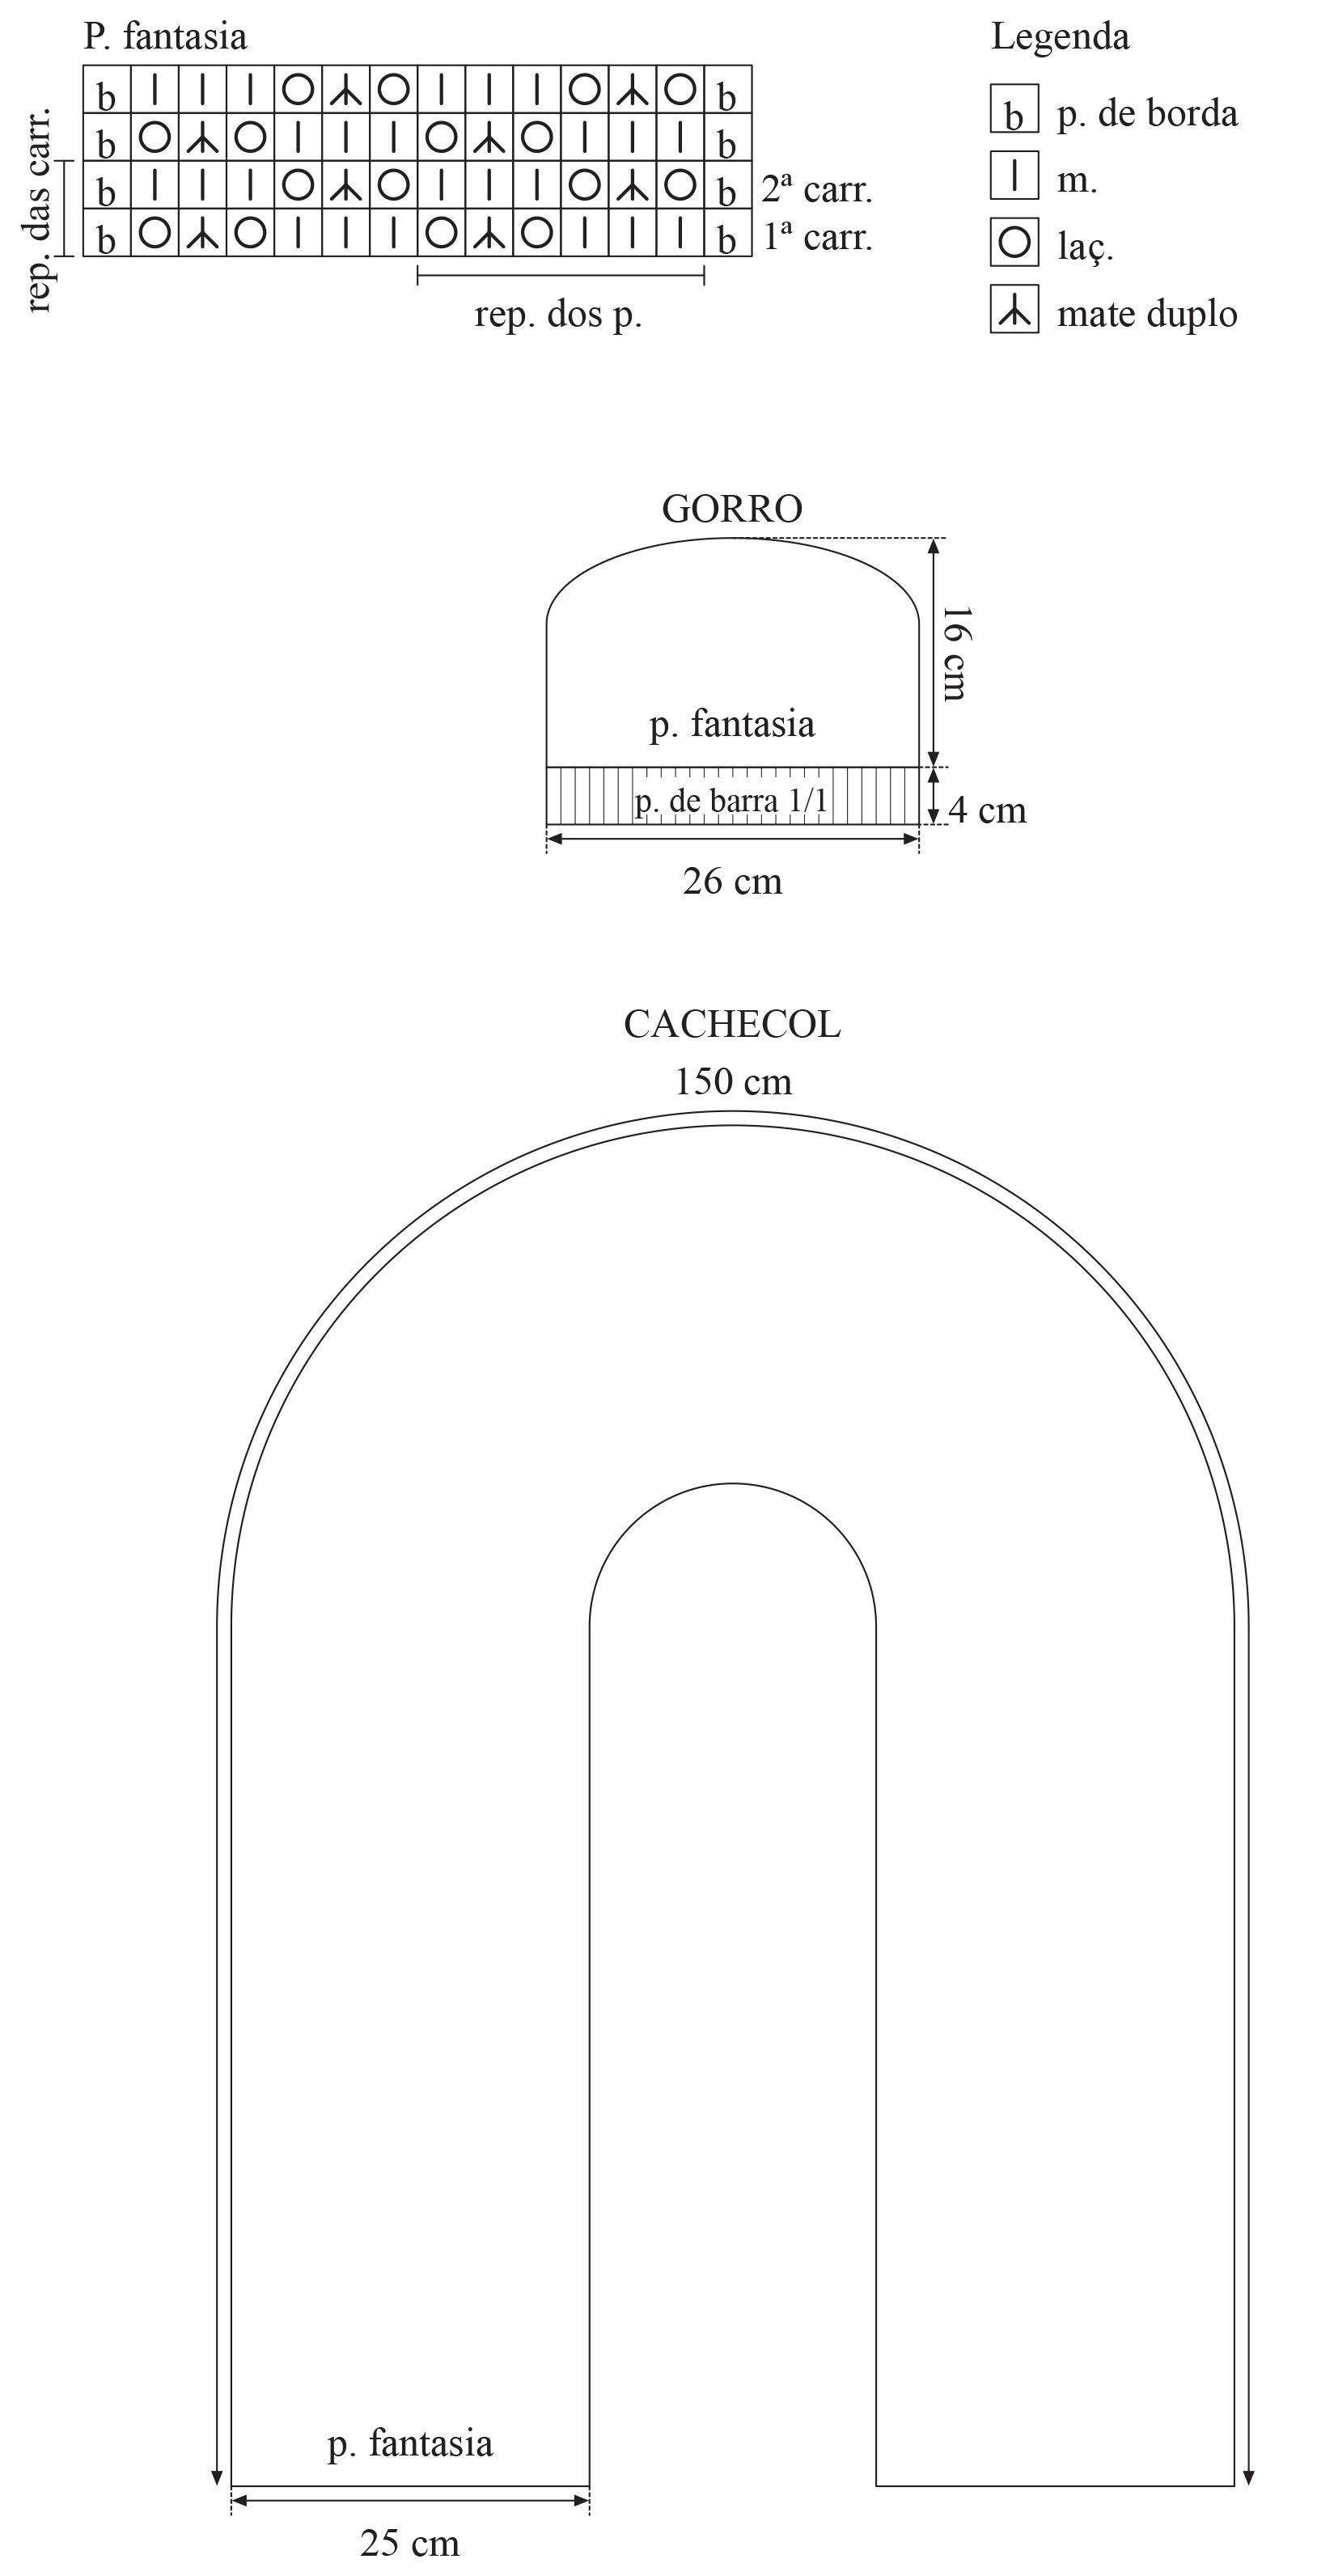 Material: Fio Cisne Noble (nov. 100 g): 3 nov. na cor: 00408 (preto e vermelho); Agulha para tricô Corrente Milward nº 8; Agulha para costura Tapestry Corrente Milward nº 16. Tensão do ponto: 10 x 10 cm = 11 p. X 14 carr. (medidos sobre o p. fantasia). Abreviaturas e pontos empregados: p. –